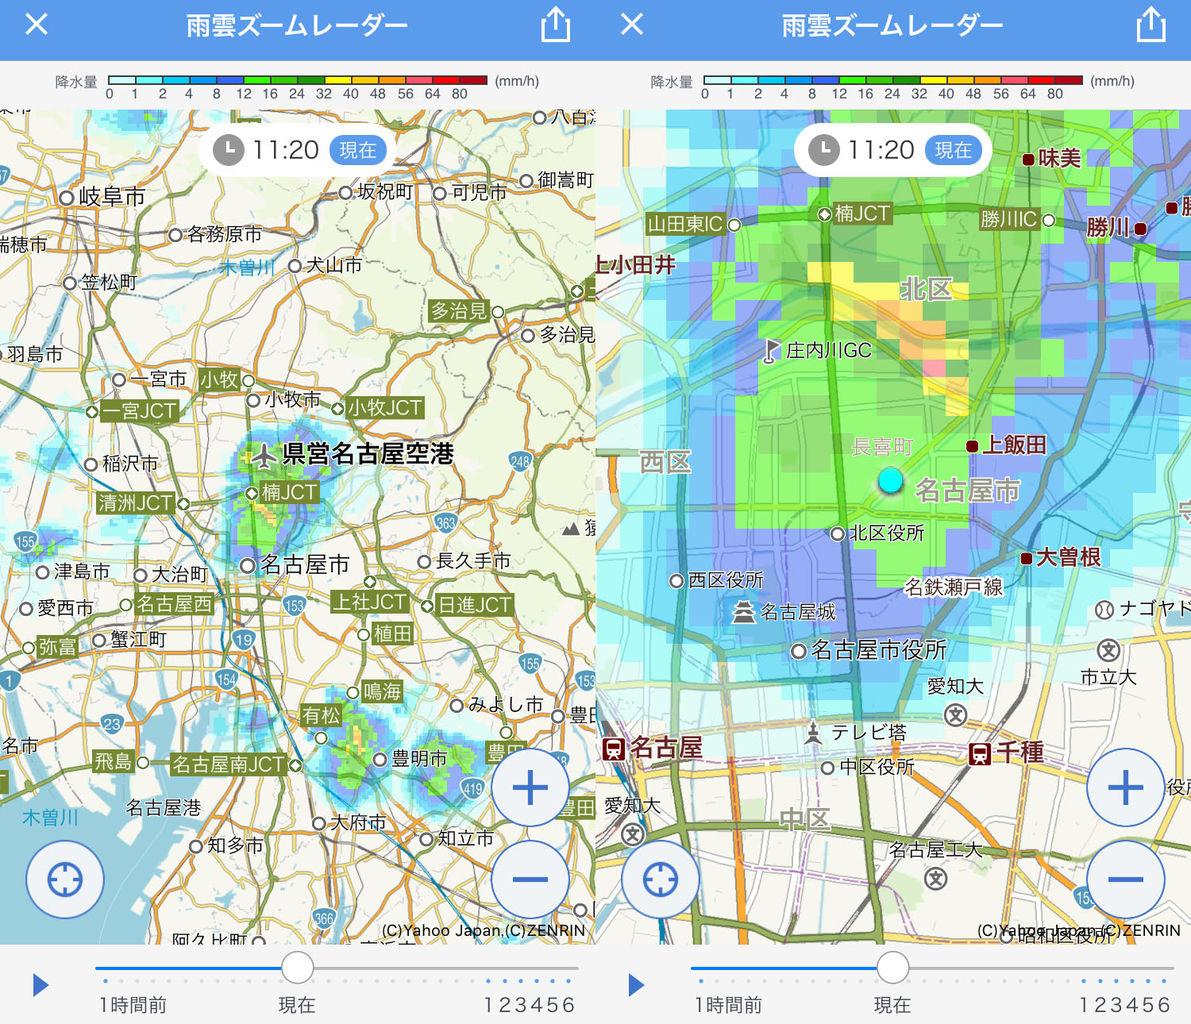 レーダー 雨雲 市 伊丹 天気